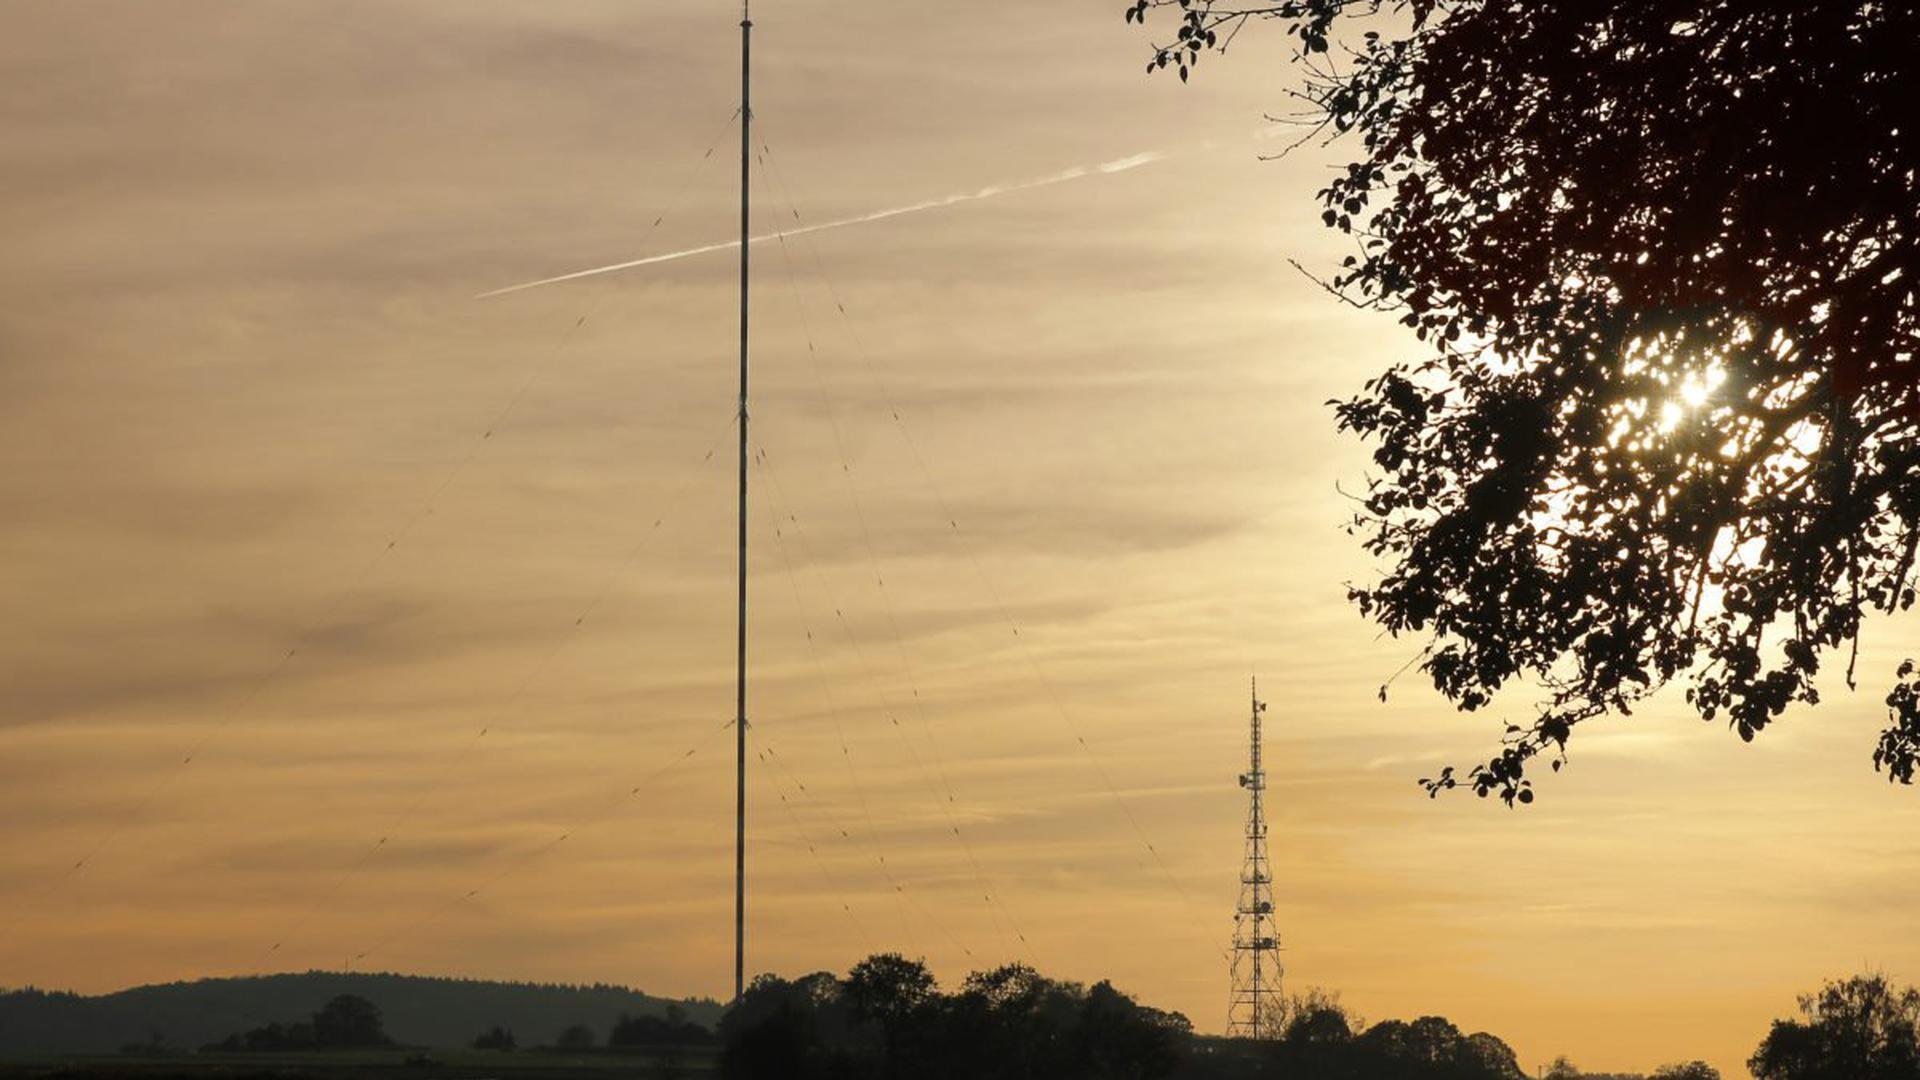 Wie ein Strich in der Landschaft steht der Mittelwellensender über Mühlacker. Doch die Tage der 273 Meter hohen Stange sind gezählt.